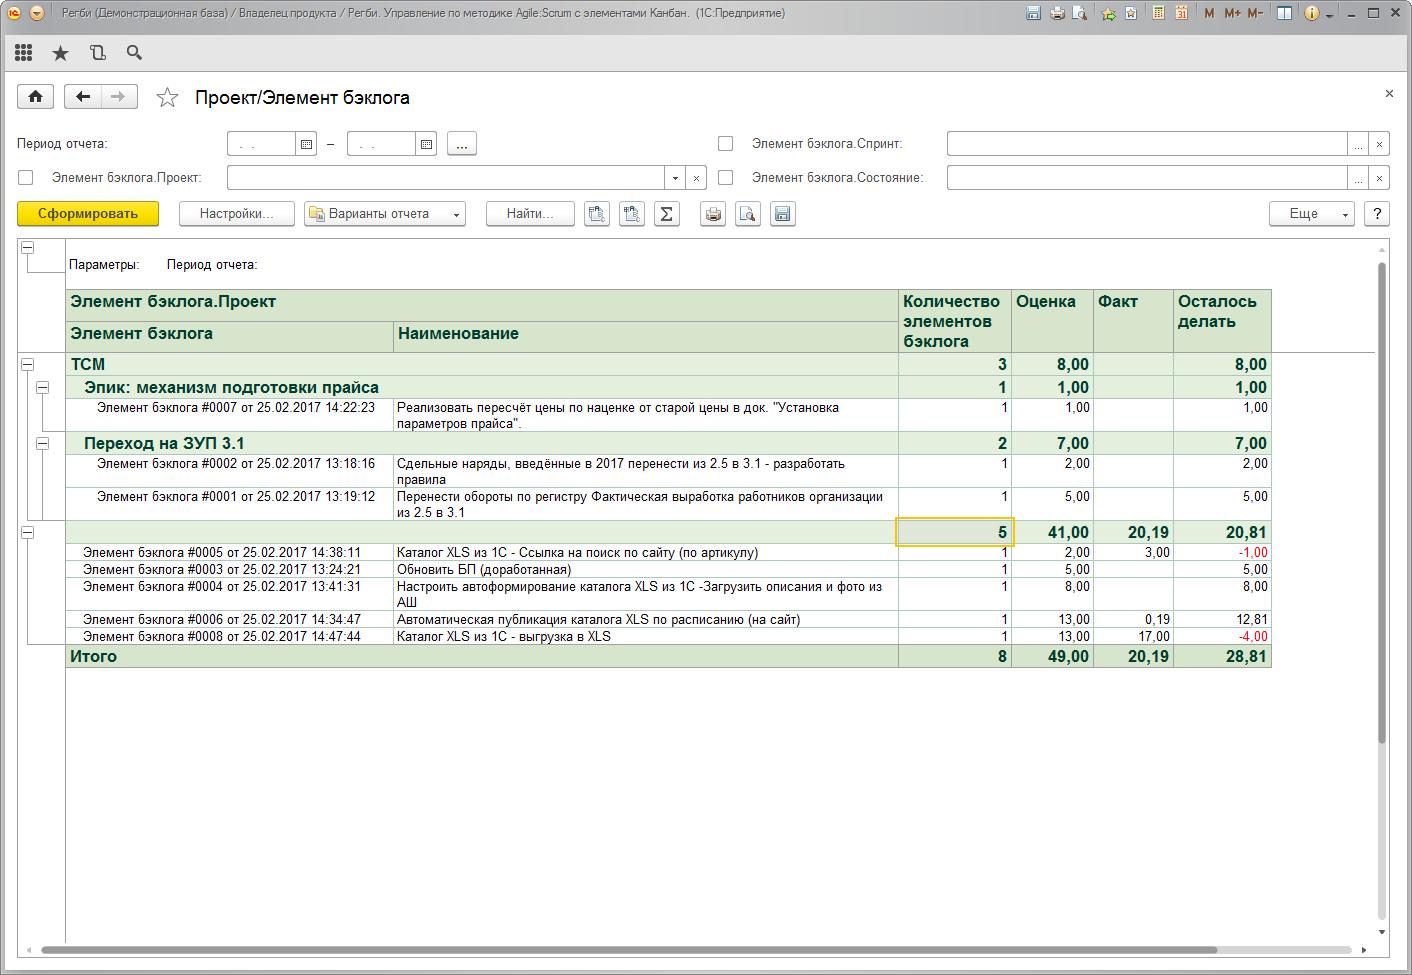 Скриншот - отчёт - Проект/элемент бэклога